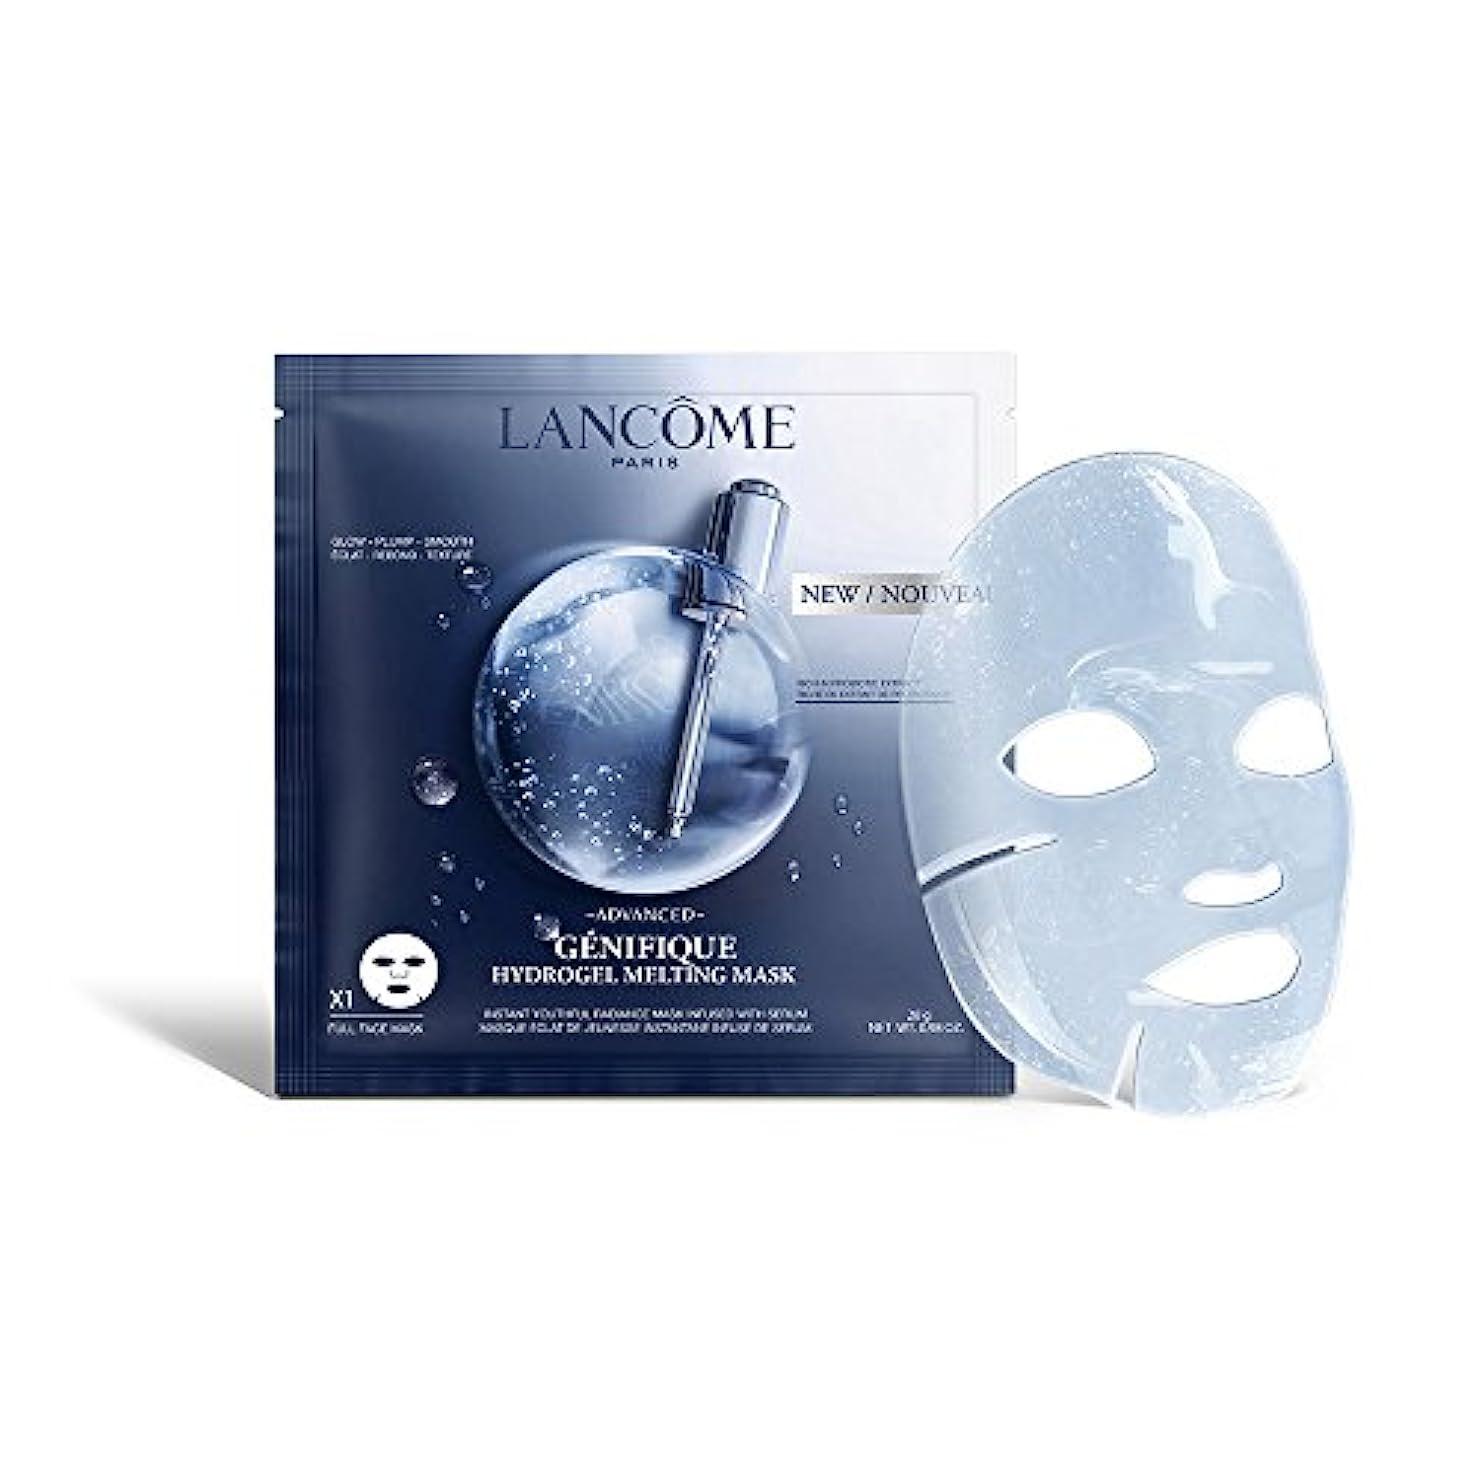 会議実験的干し草LANCOME(ランコム) ジェニフィック アドバンスト マスク(7枚セット)